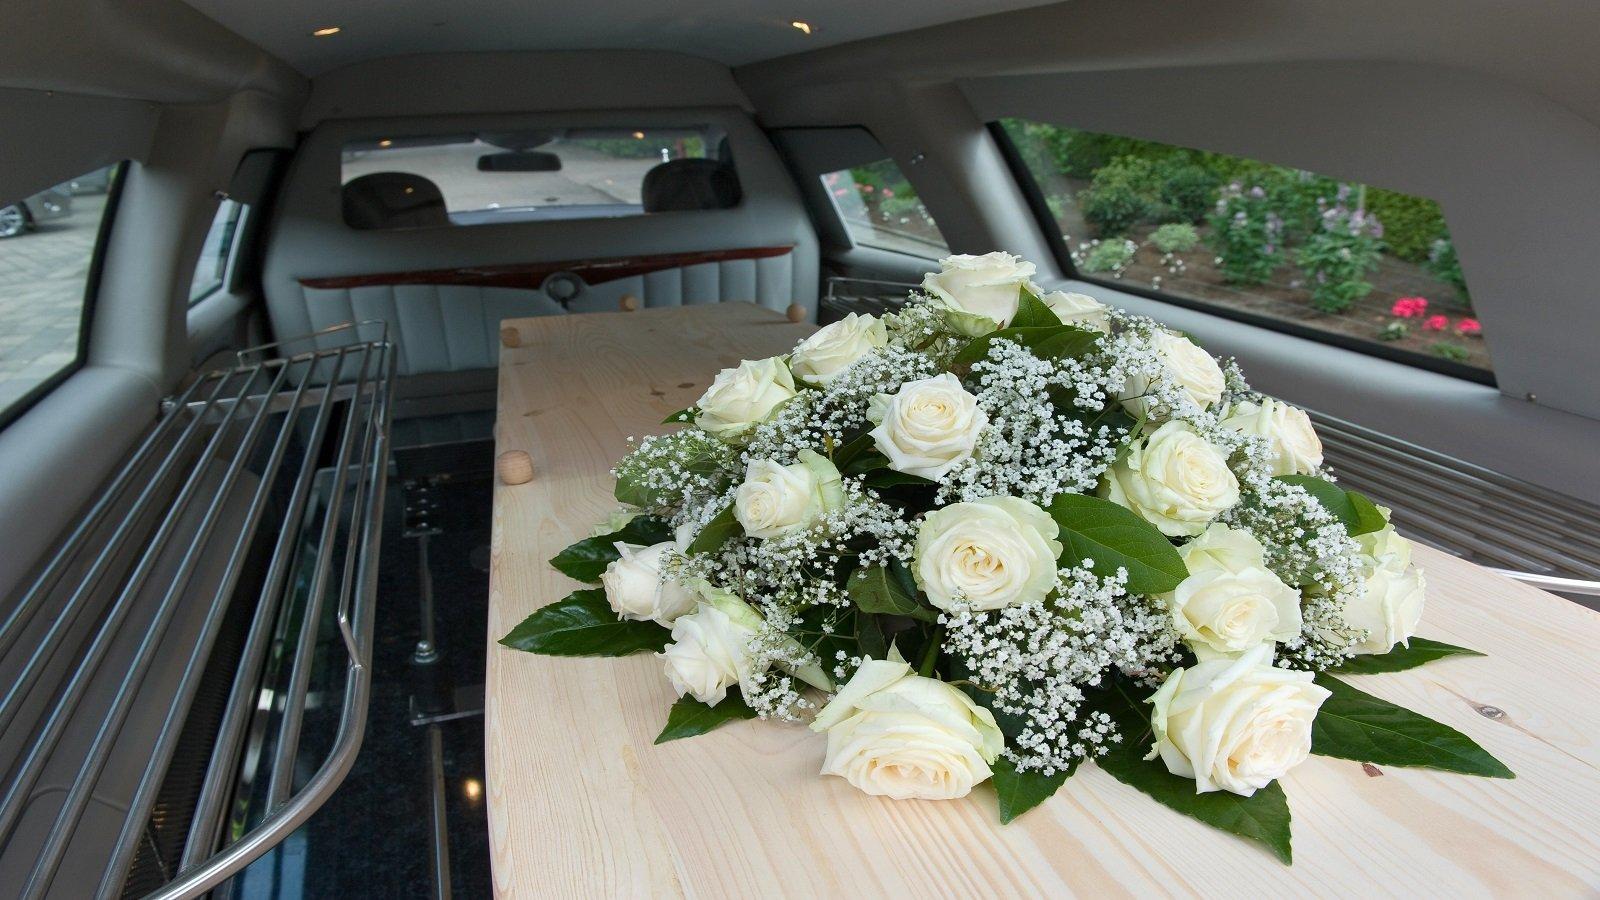 una bara con sopra delle rose bianche all'interno di carro funebre